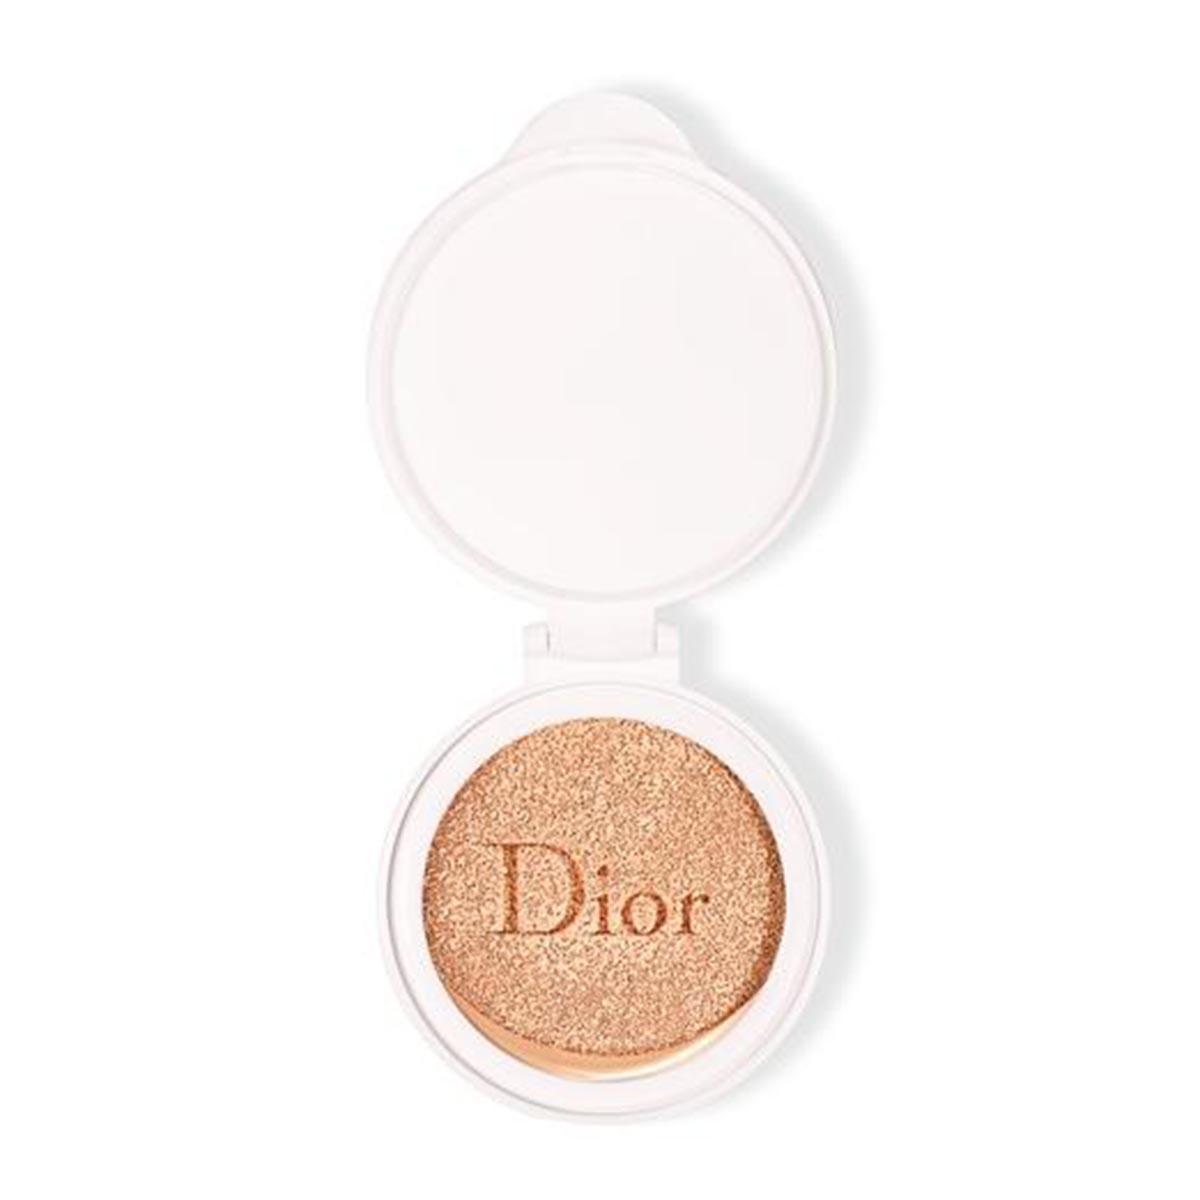 Dior diorskin advanced moisture cushion 010 refill 15gr